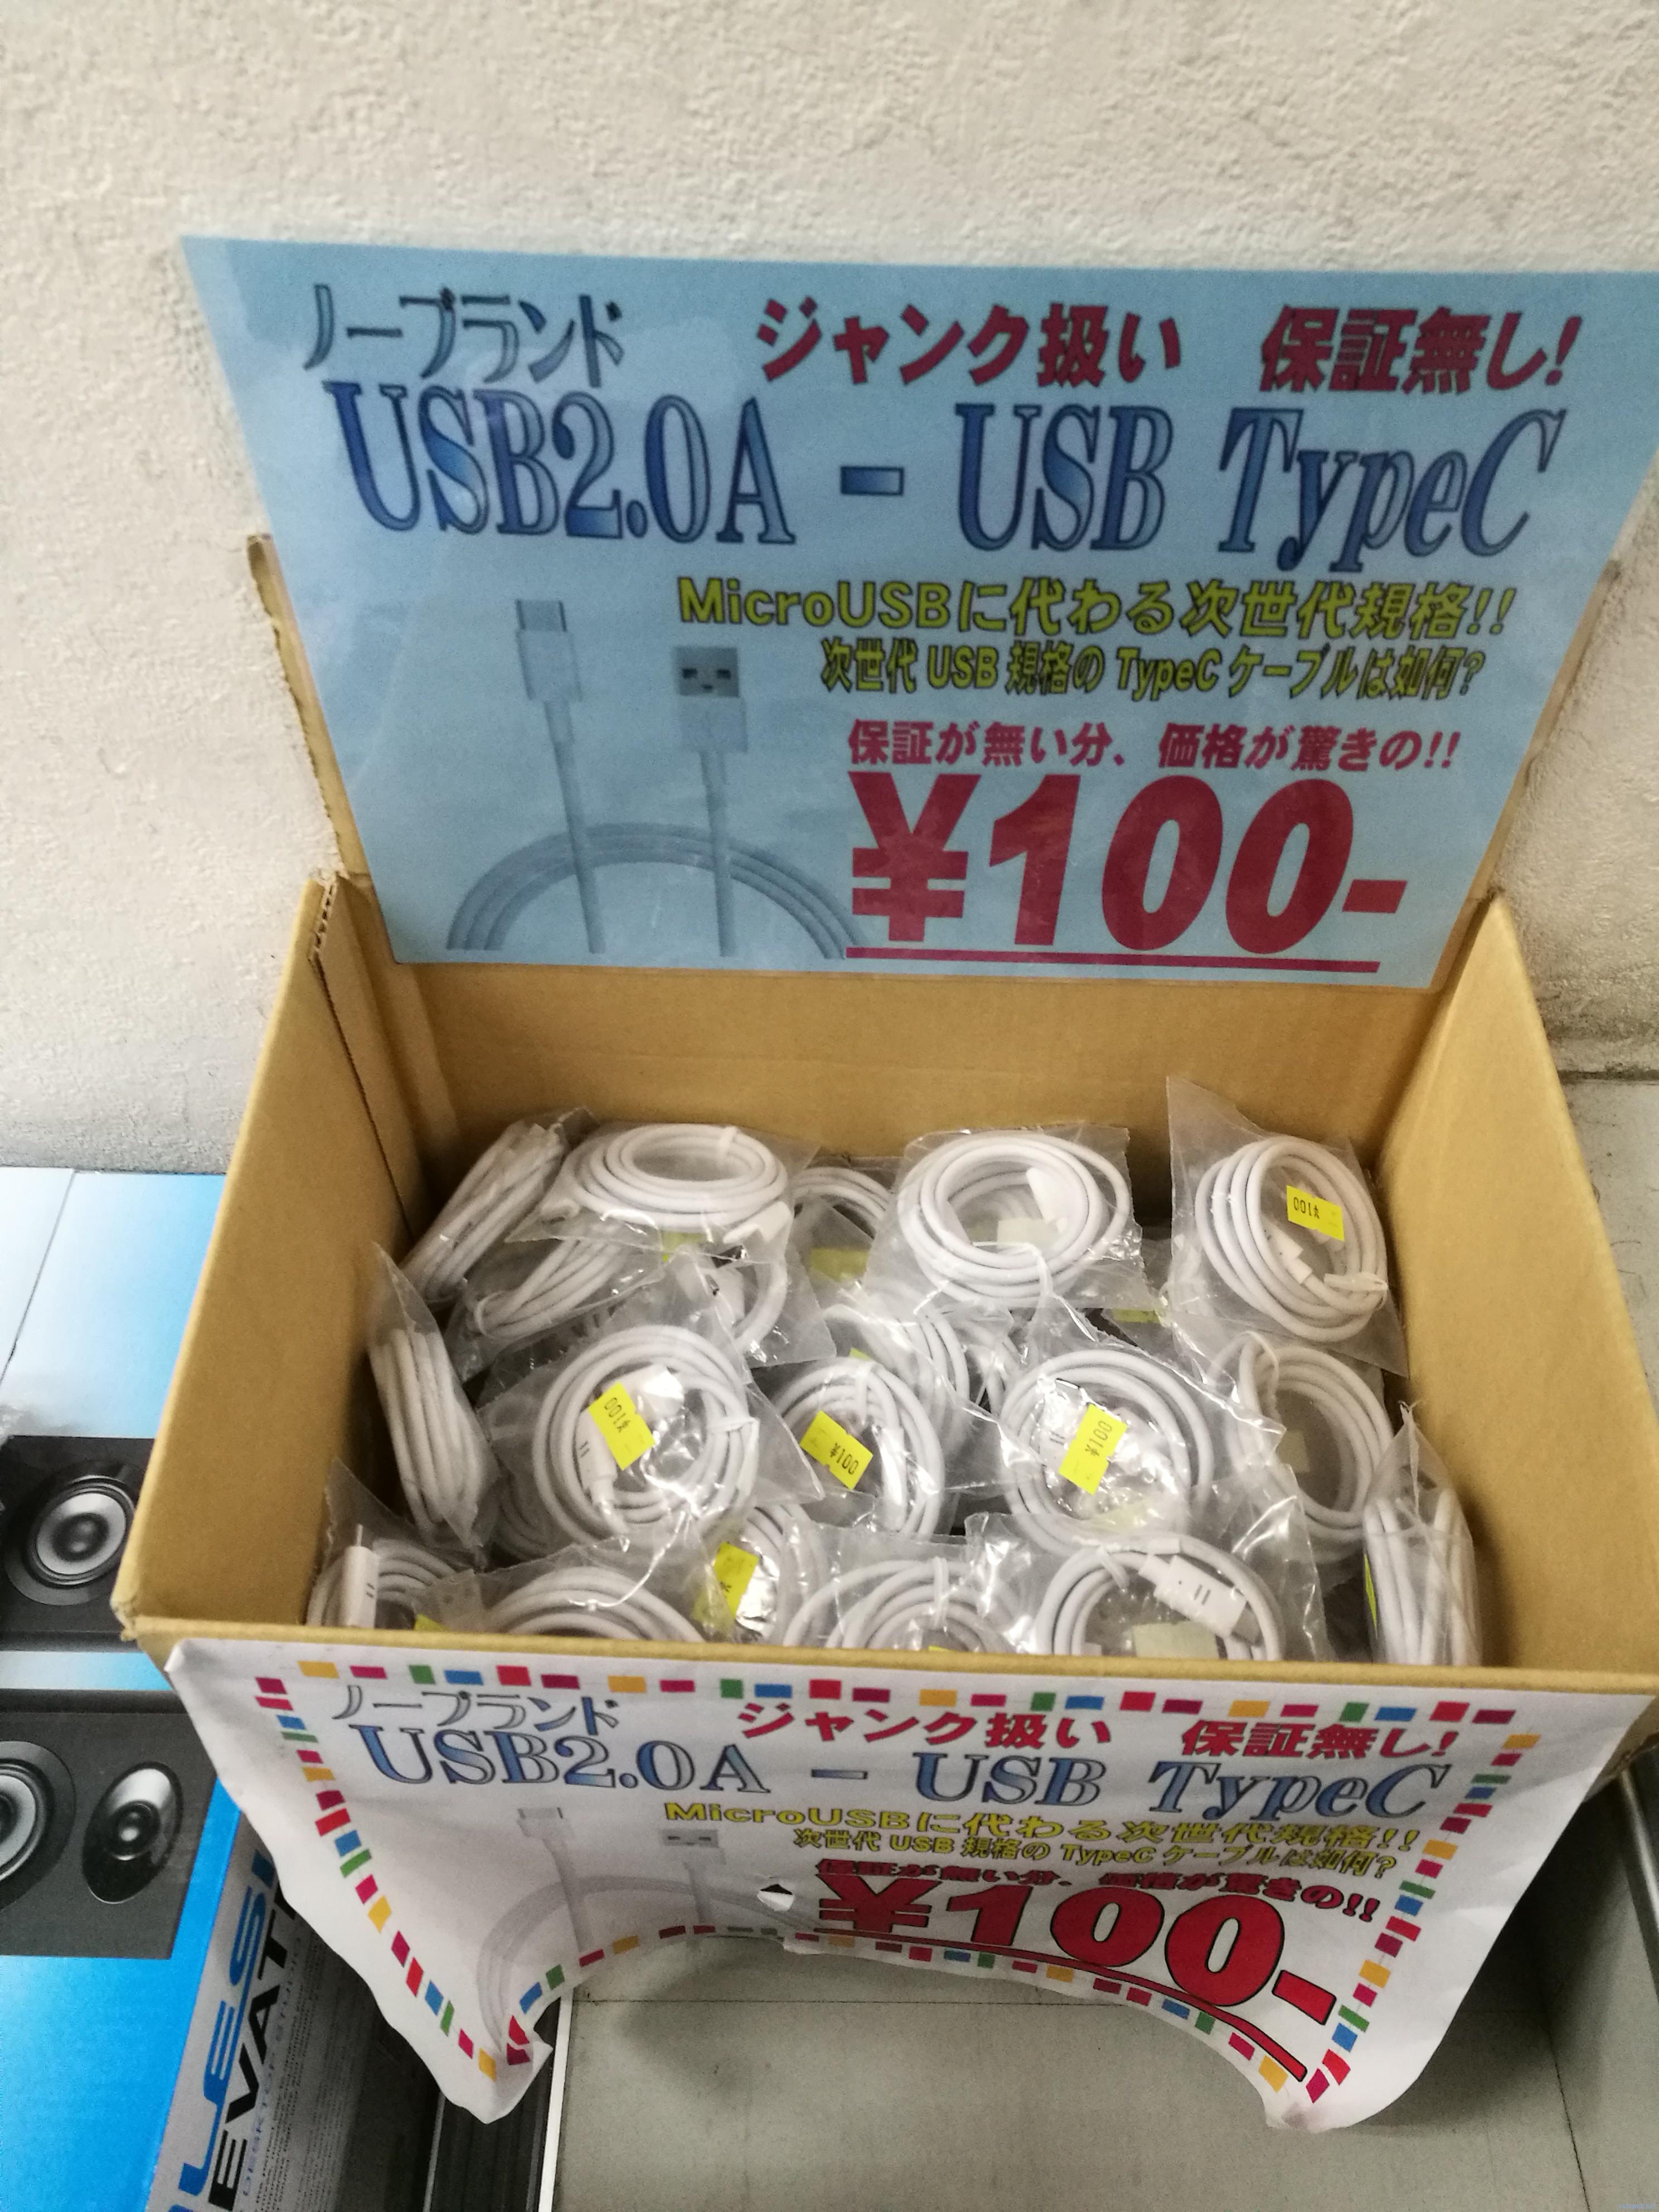 【日本橋】PCワンズにコスパ最強のType-C(USB2.0)ケーブル現る。